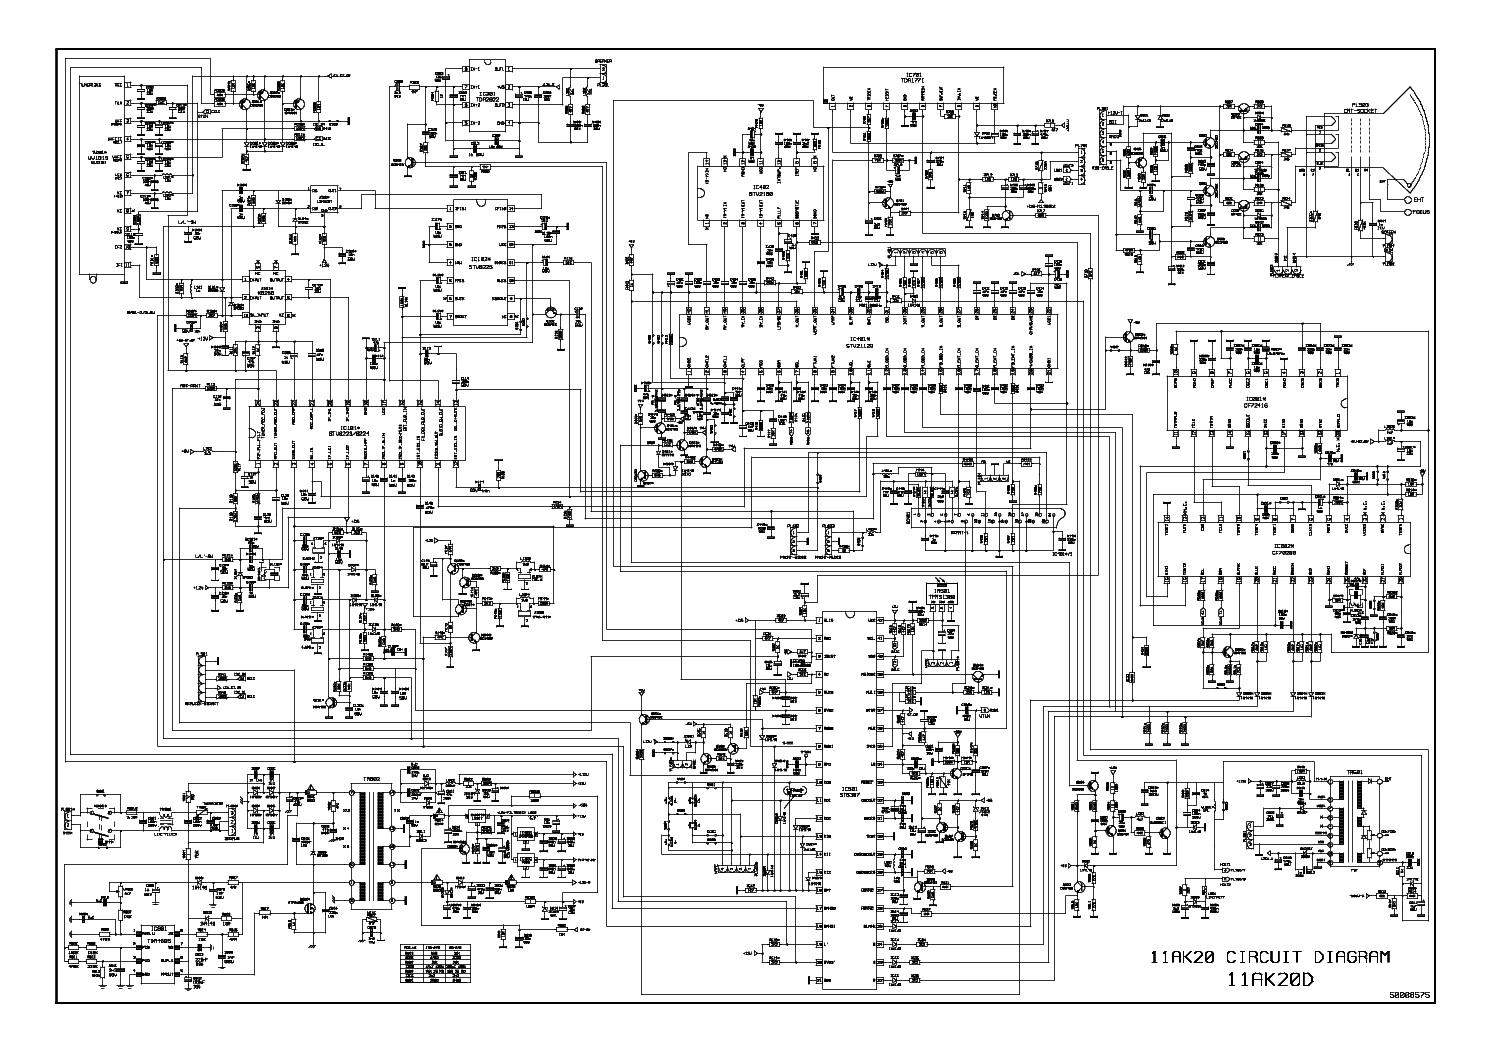 Схема телевизора микромакс шасси 11ак20